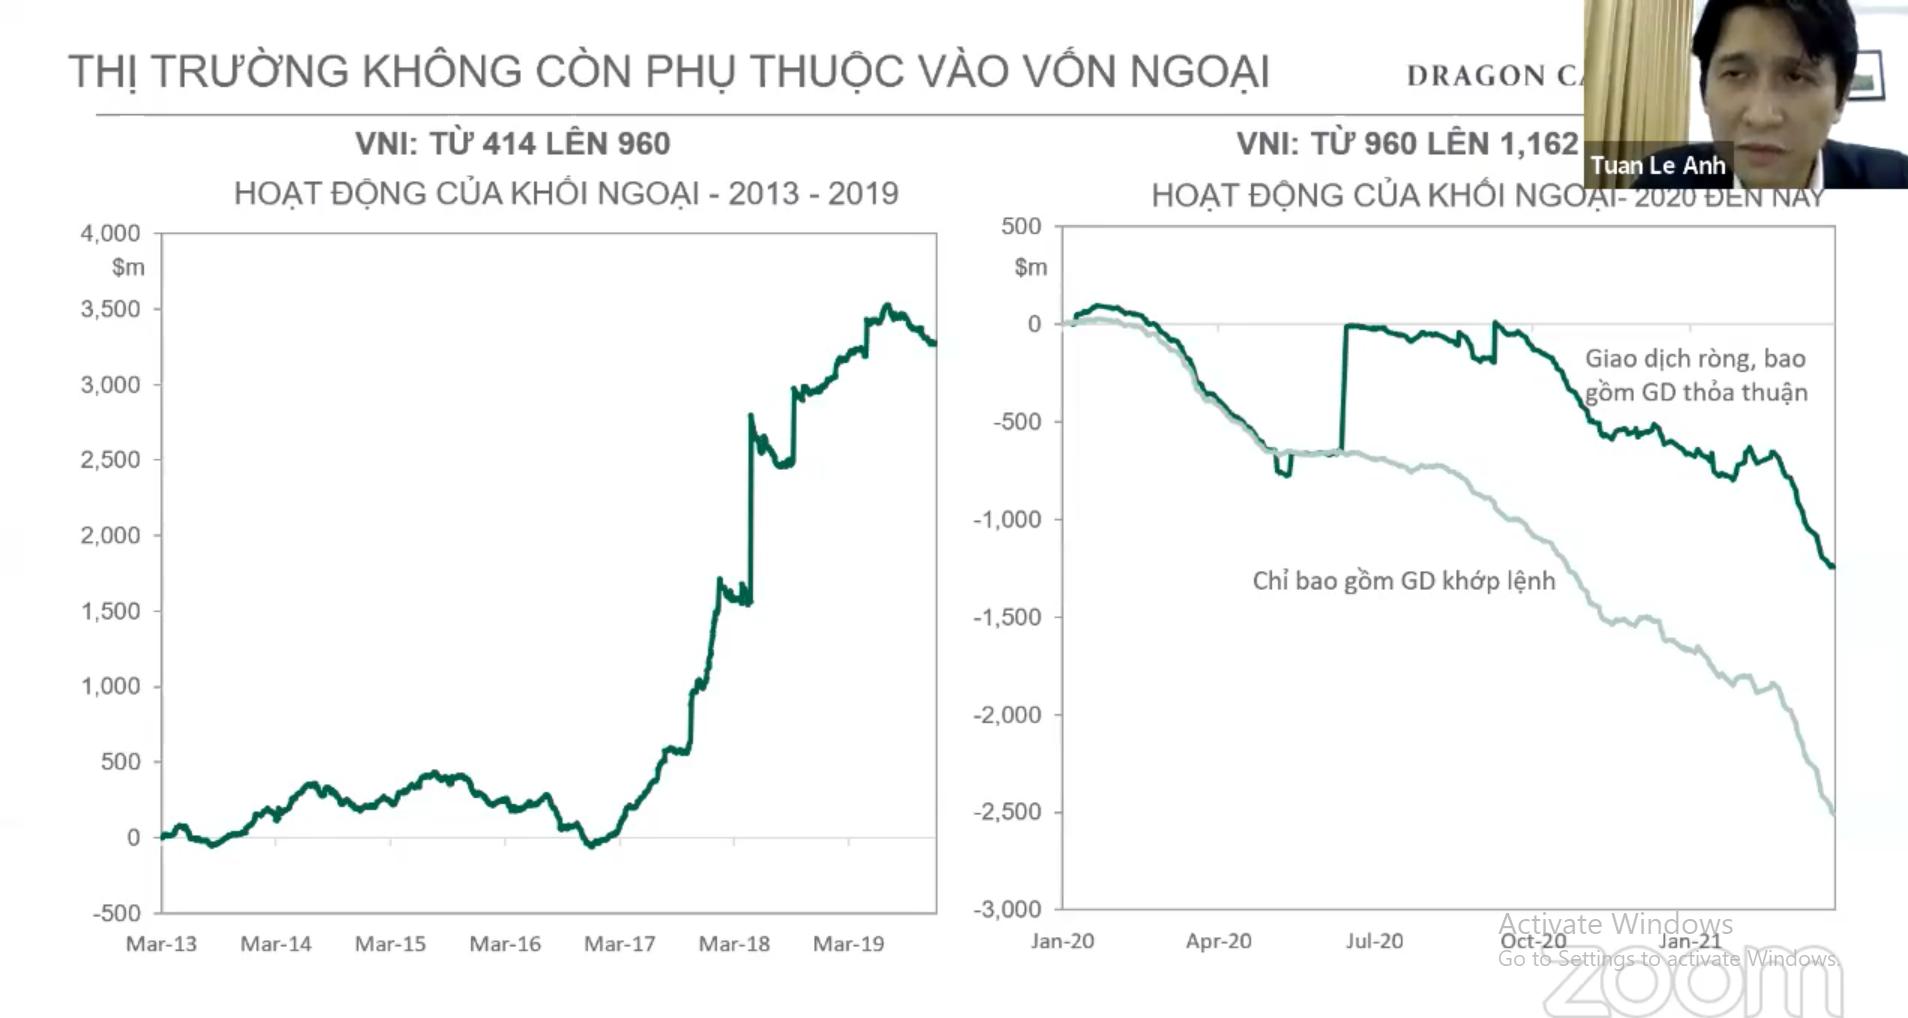 Dragon Capital: TTCK bùng nổ NĐT cá nhân, cho vay margin tăng thêm 30.000 tỷ đồng năm 2021 - Ảnh 1.